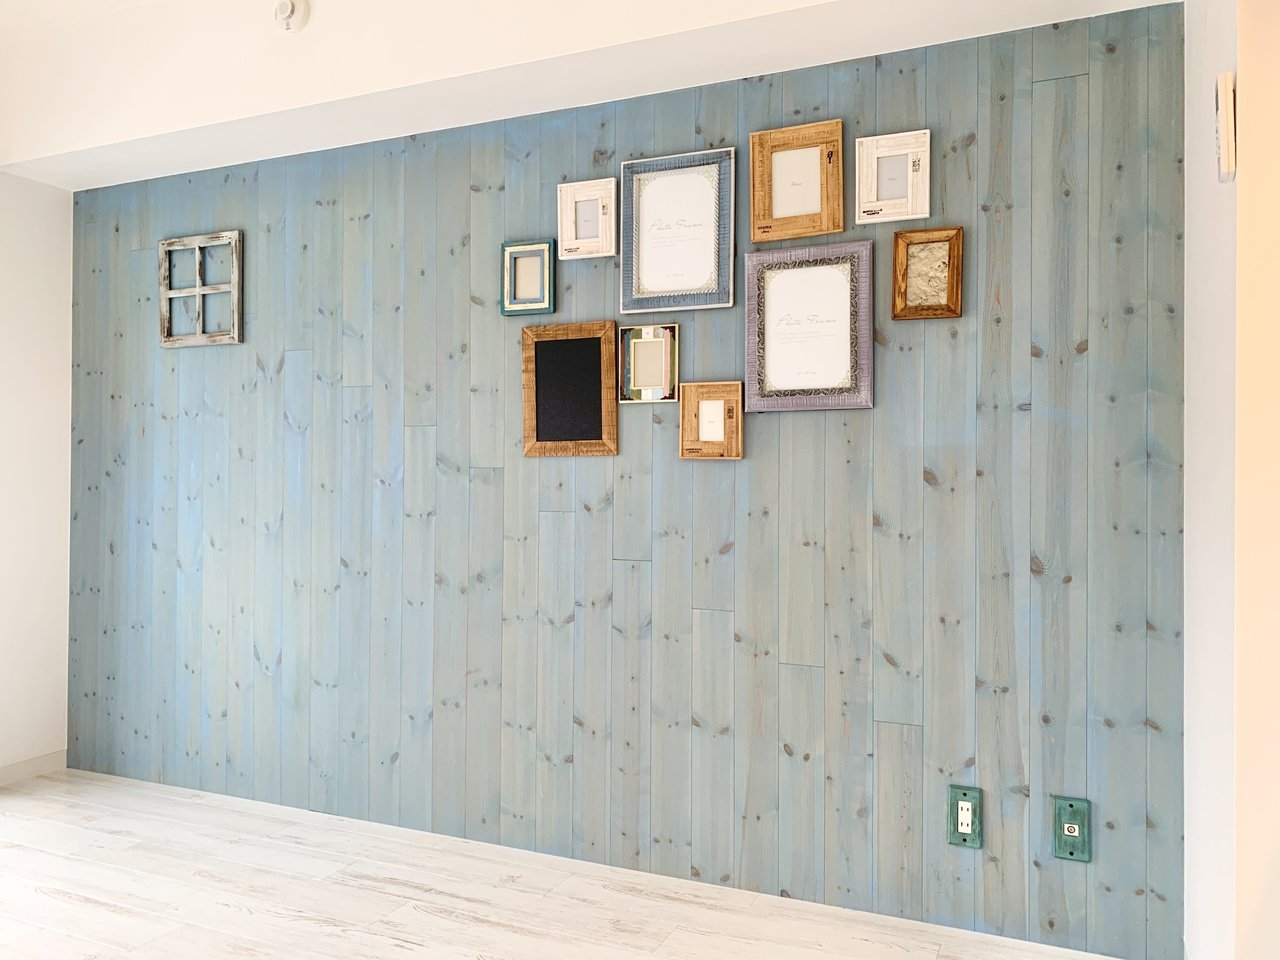 ブルーにペイントされた壁が特徴のひとつ。落ち着いた色合いですね。賃貸でも取り付けられる収納棚をつけたら、よりおしゃれになりそう。